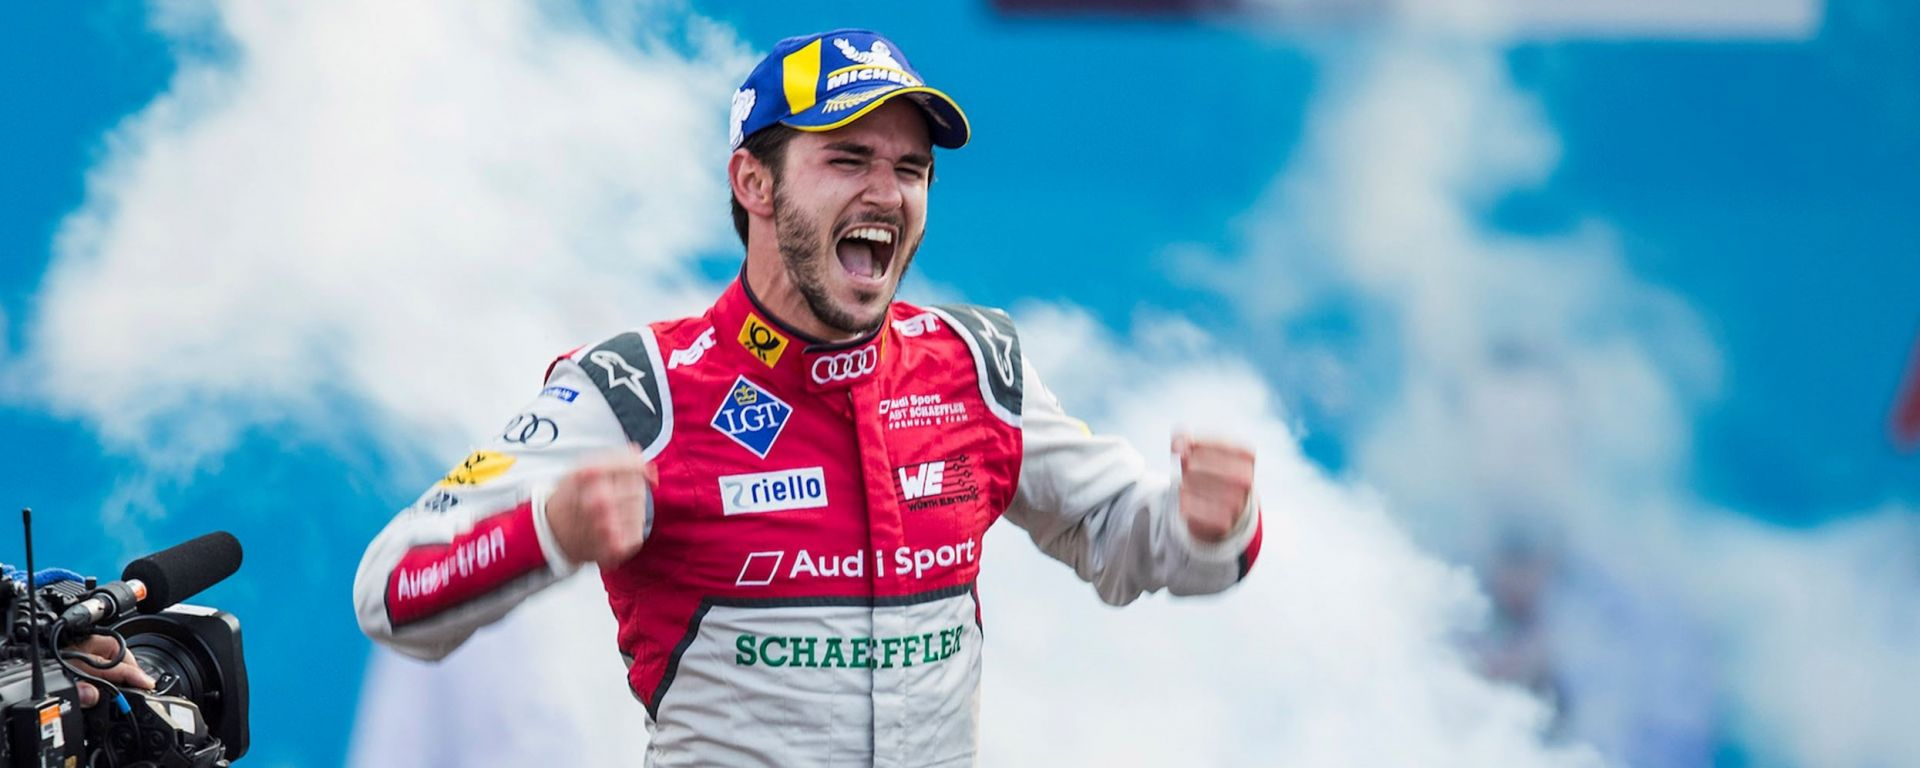 Daniel Abt festeggia sul podio del Messico